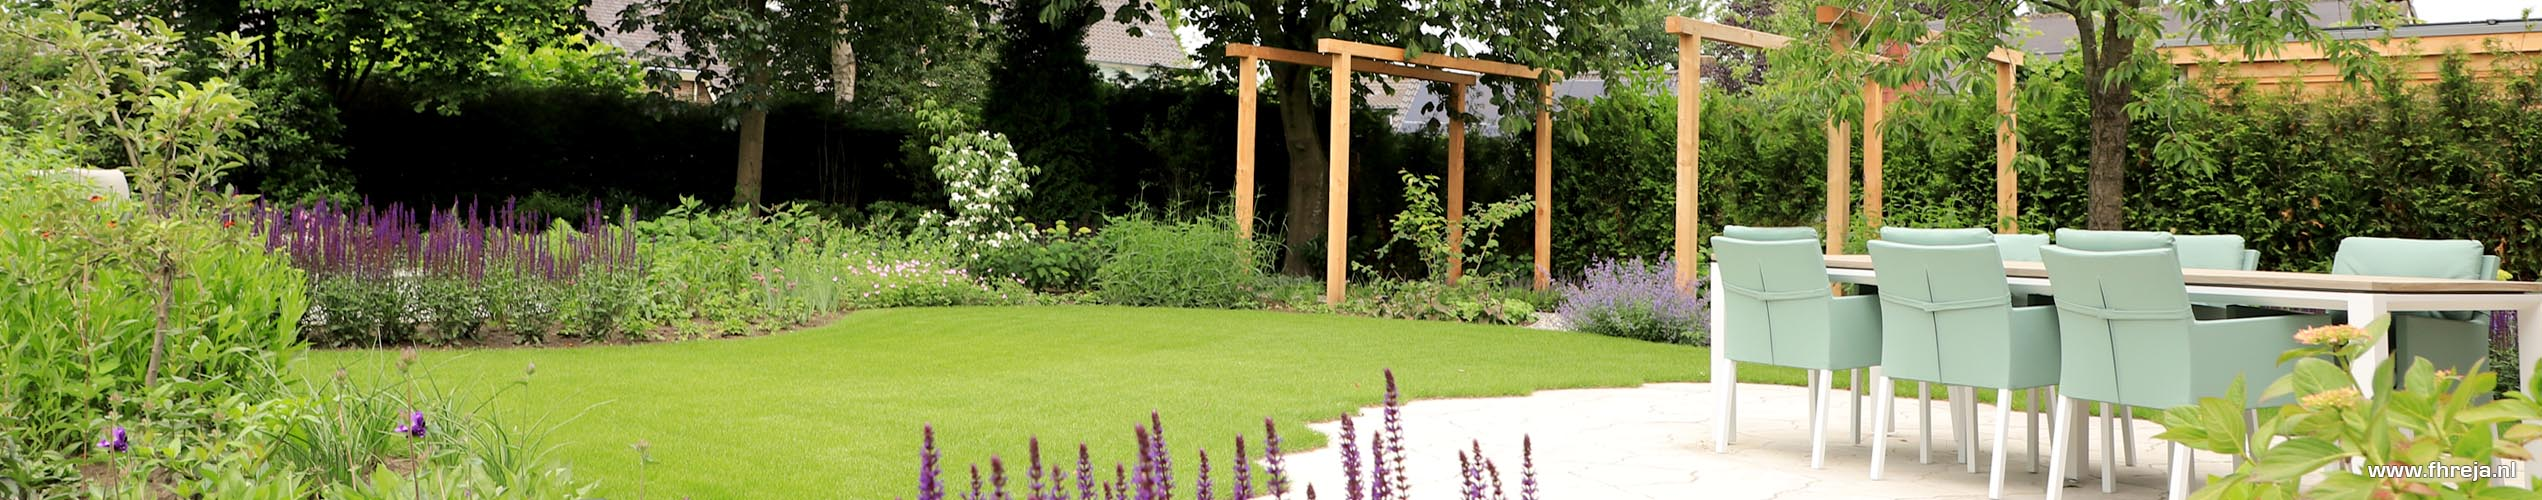 Tuin in cottagestijl Hedel - Fhreja - Ontwerpbureau Groene Ruimte